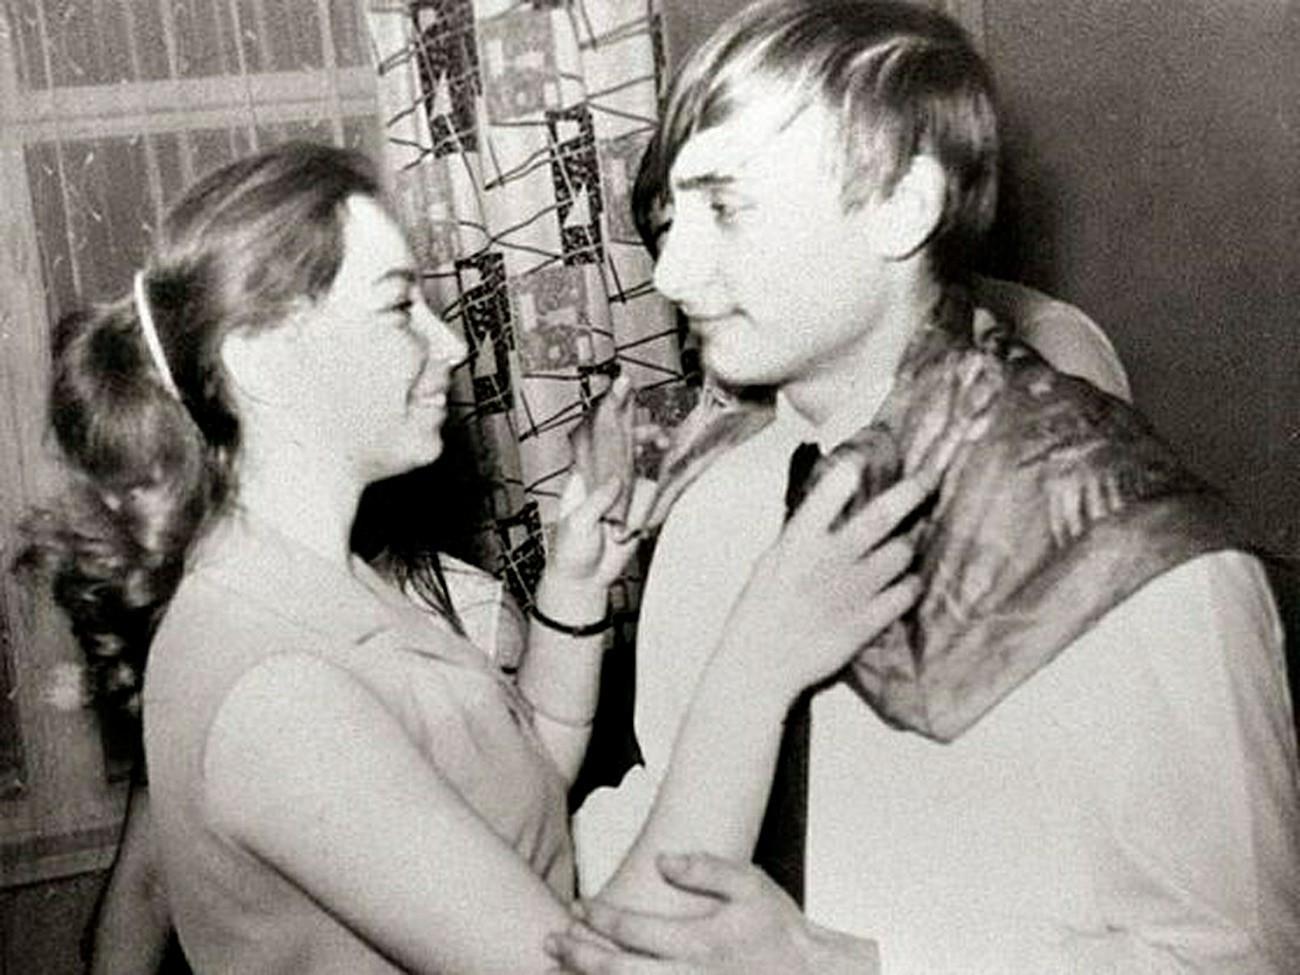 Пред да дојде на власт Путин бил весел, вљубен маж кој се облекувал модерно. 1970 година во Санкт Петербург.